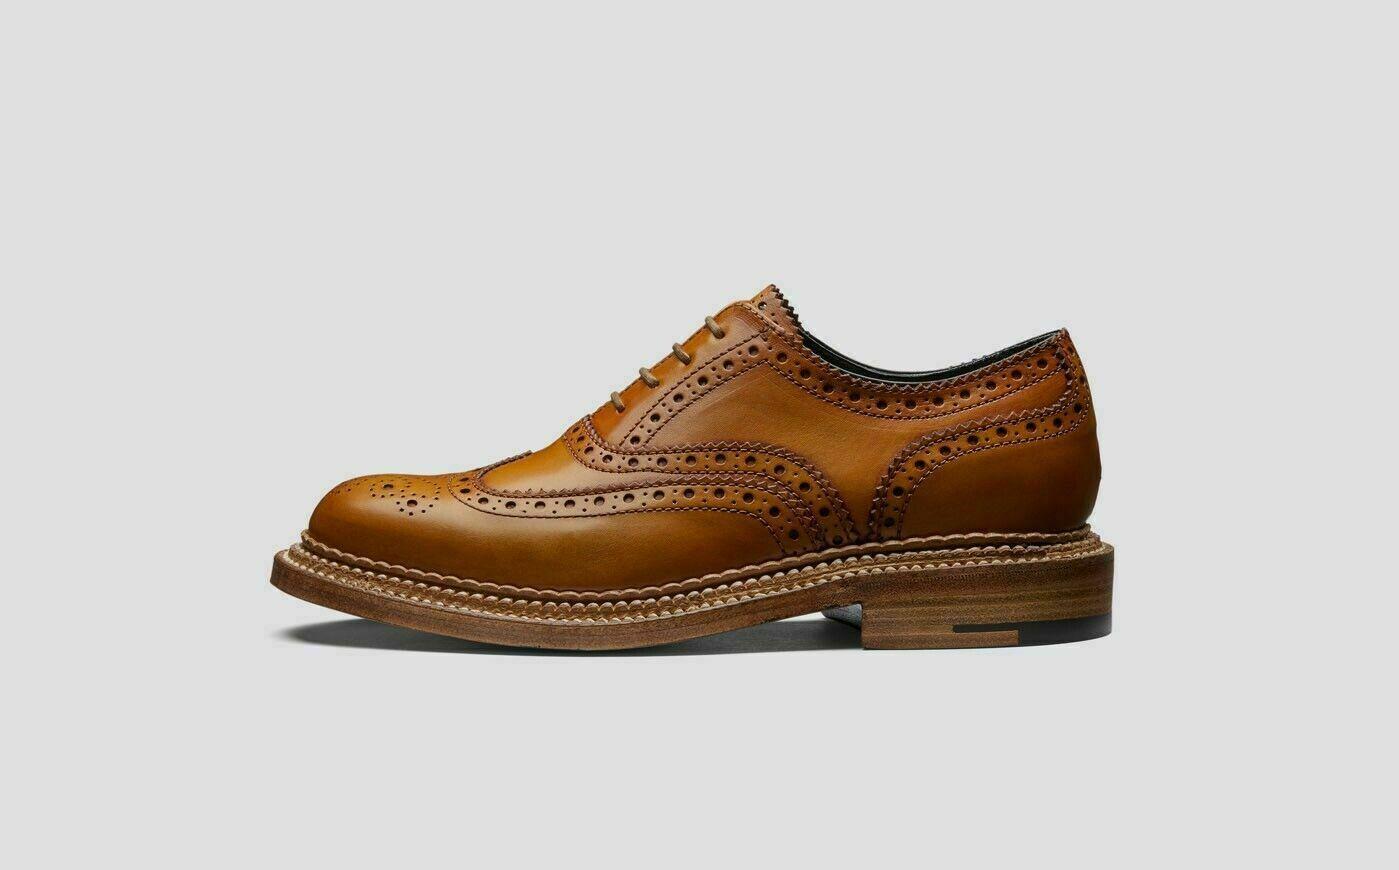 Damen Handarbeit aus echtem Leder Oxford Brogue Wingtip Doppelsohle Schuhe